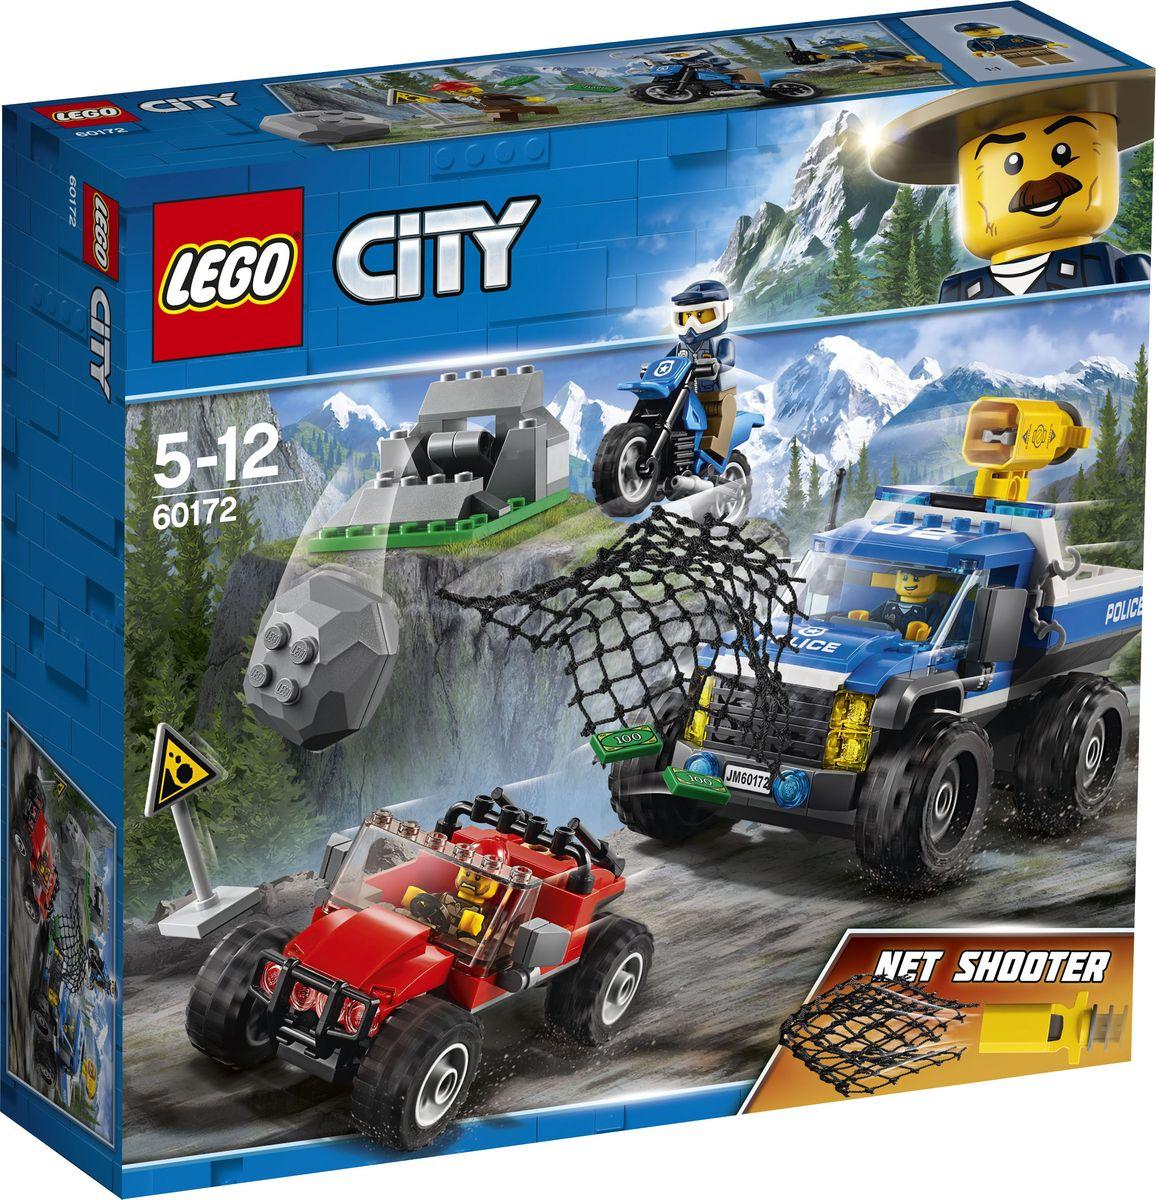 LEGO City Police 60172 Погоня по грунтовой дороге Конструктор конструктор lego 60172 погоня по грунтовой дороге 297 элементов